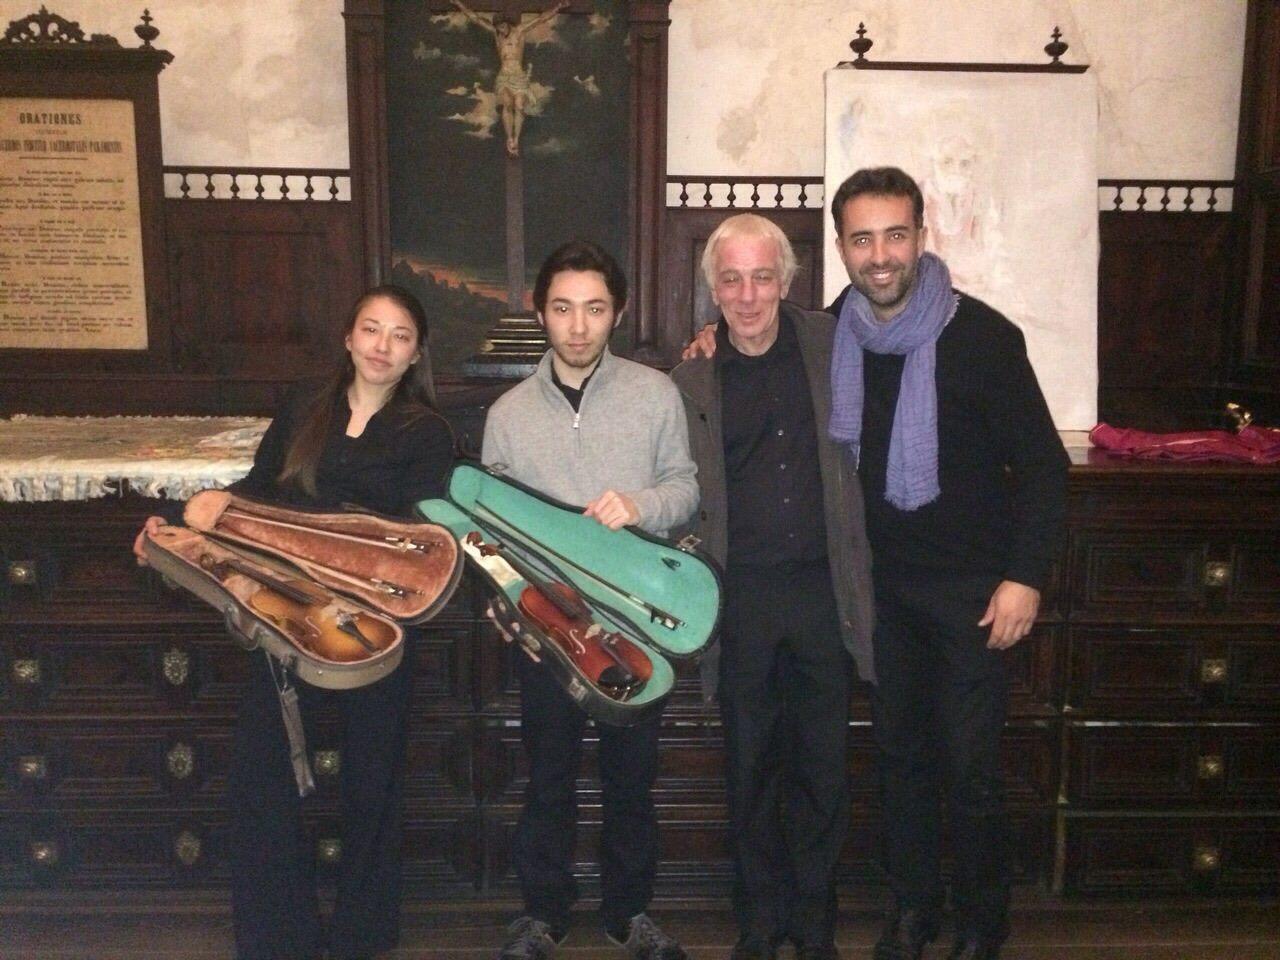 Barry Sargent dona instrumentos para proyecto Cuatro Cuerdas